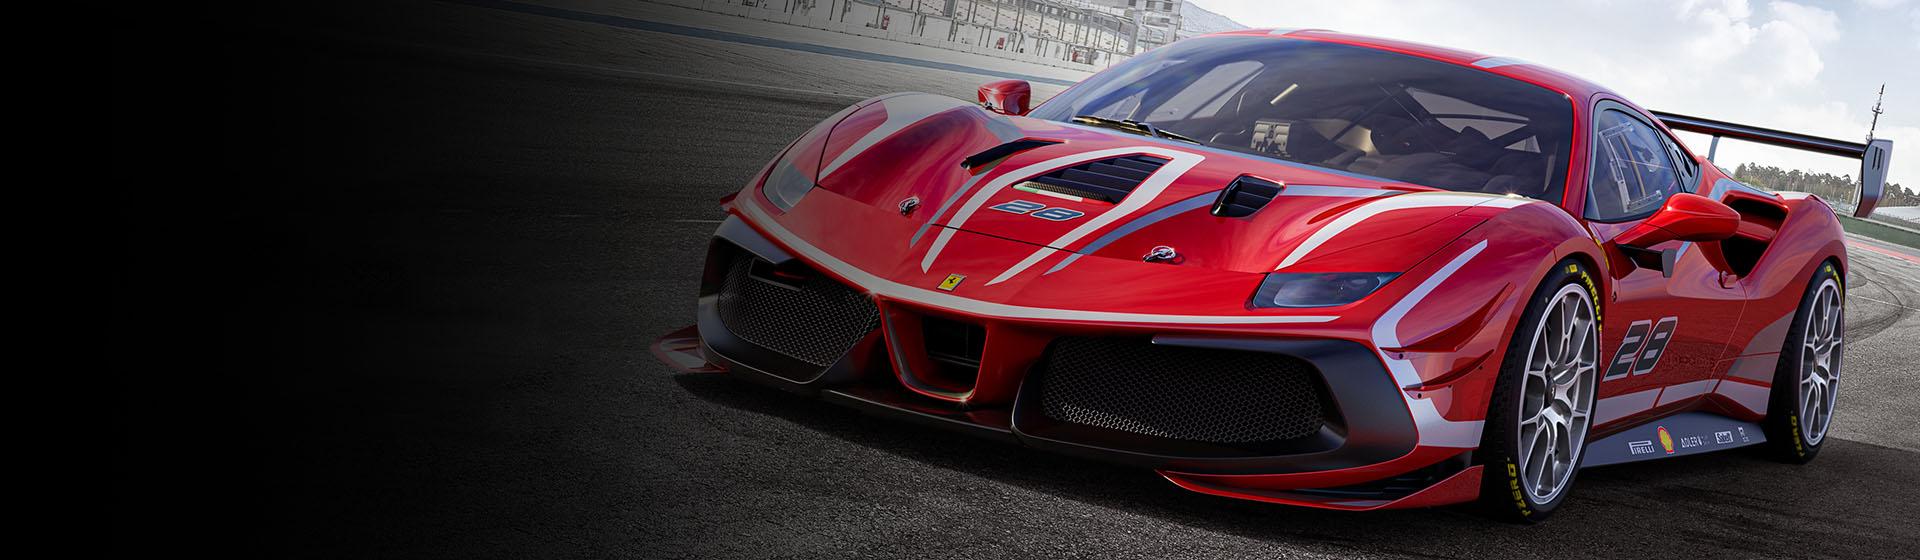 Ferrari Corse Clienti 1920x560